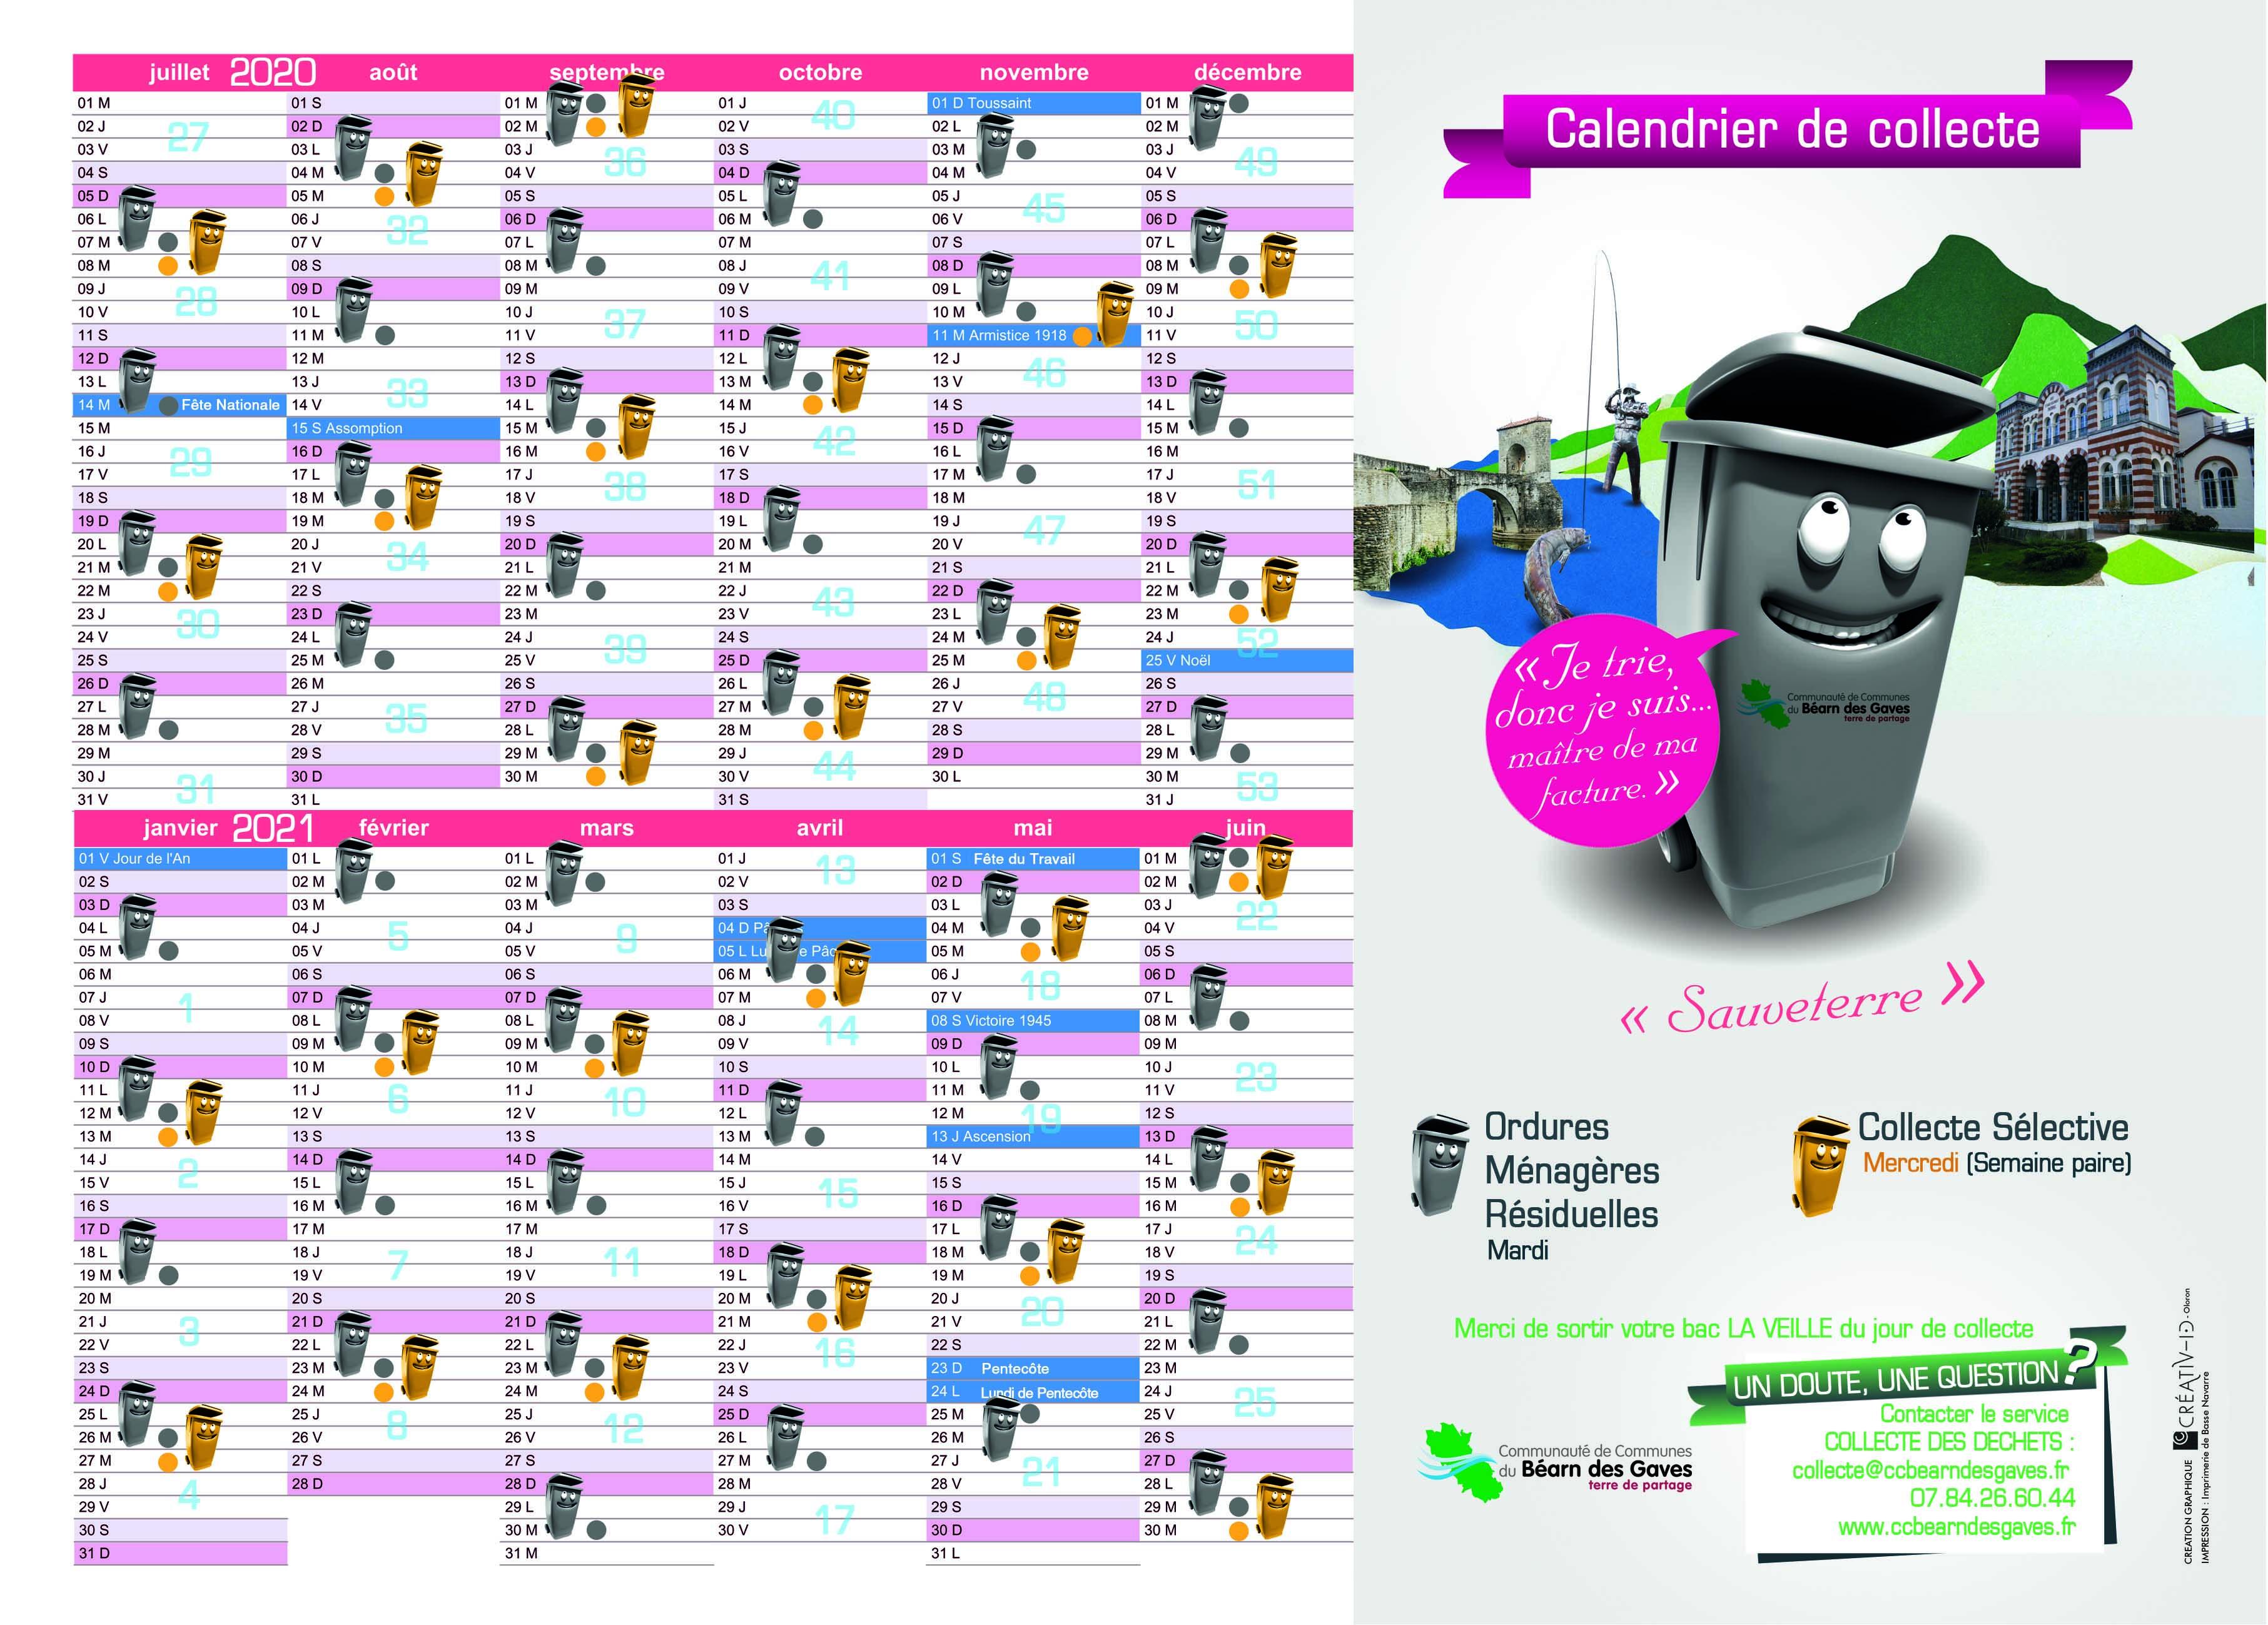 Calendrier De Collecte 2021 Calendrier collecte juillet 2020   juin 2021   Commune de